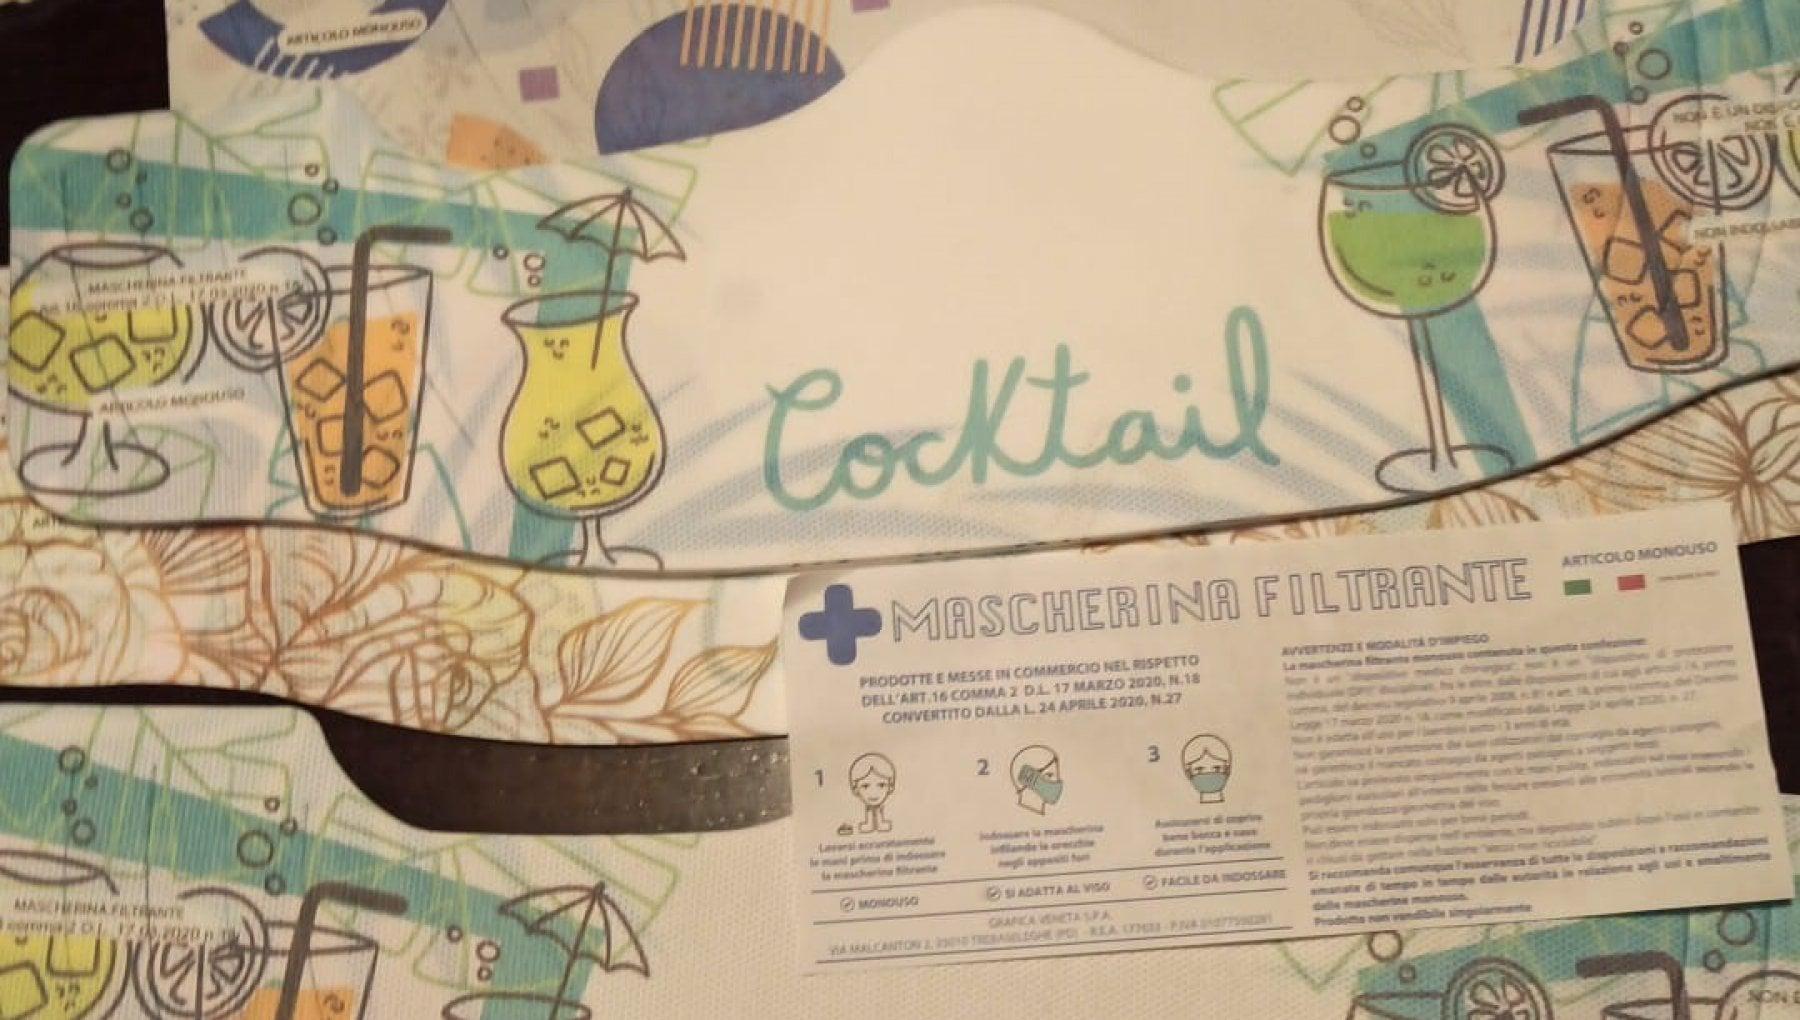 """204415315 fc8827ce 0f58 4006 9d46 e6e32164debc - Treviso, polemica per le """"mascherine cocktail"""" distribuite dalla Protezione civile"""